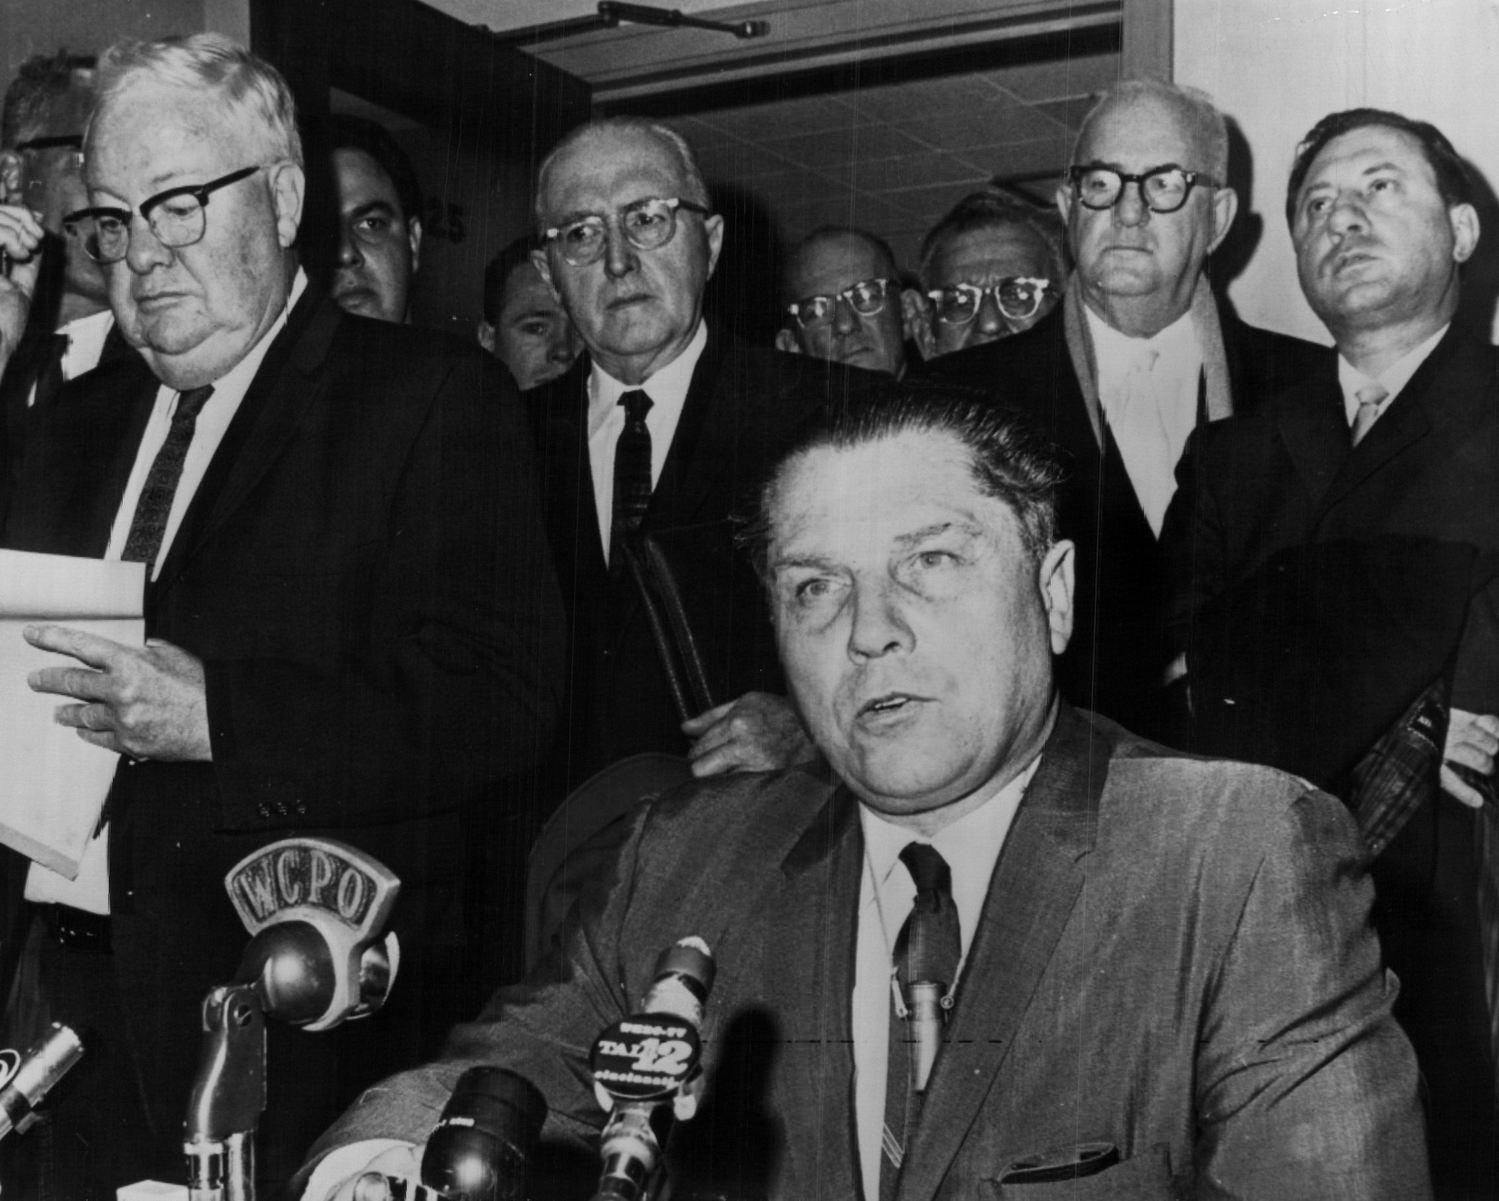 Jimmy Hoffa in 1964.